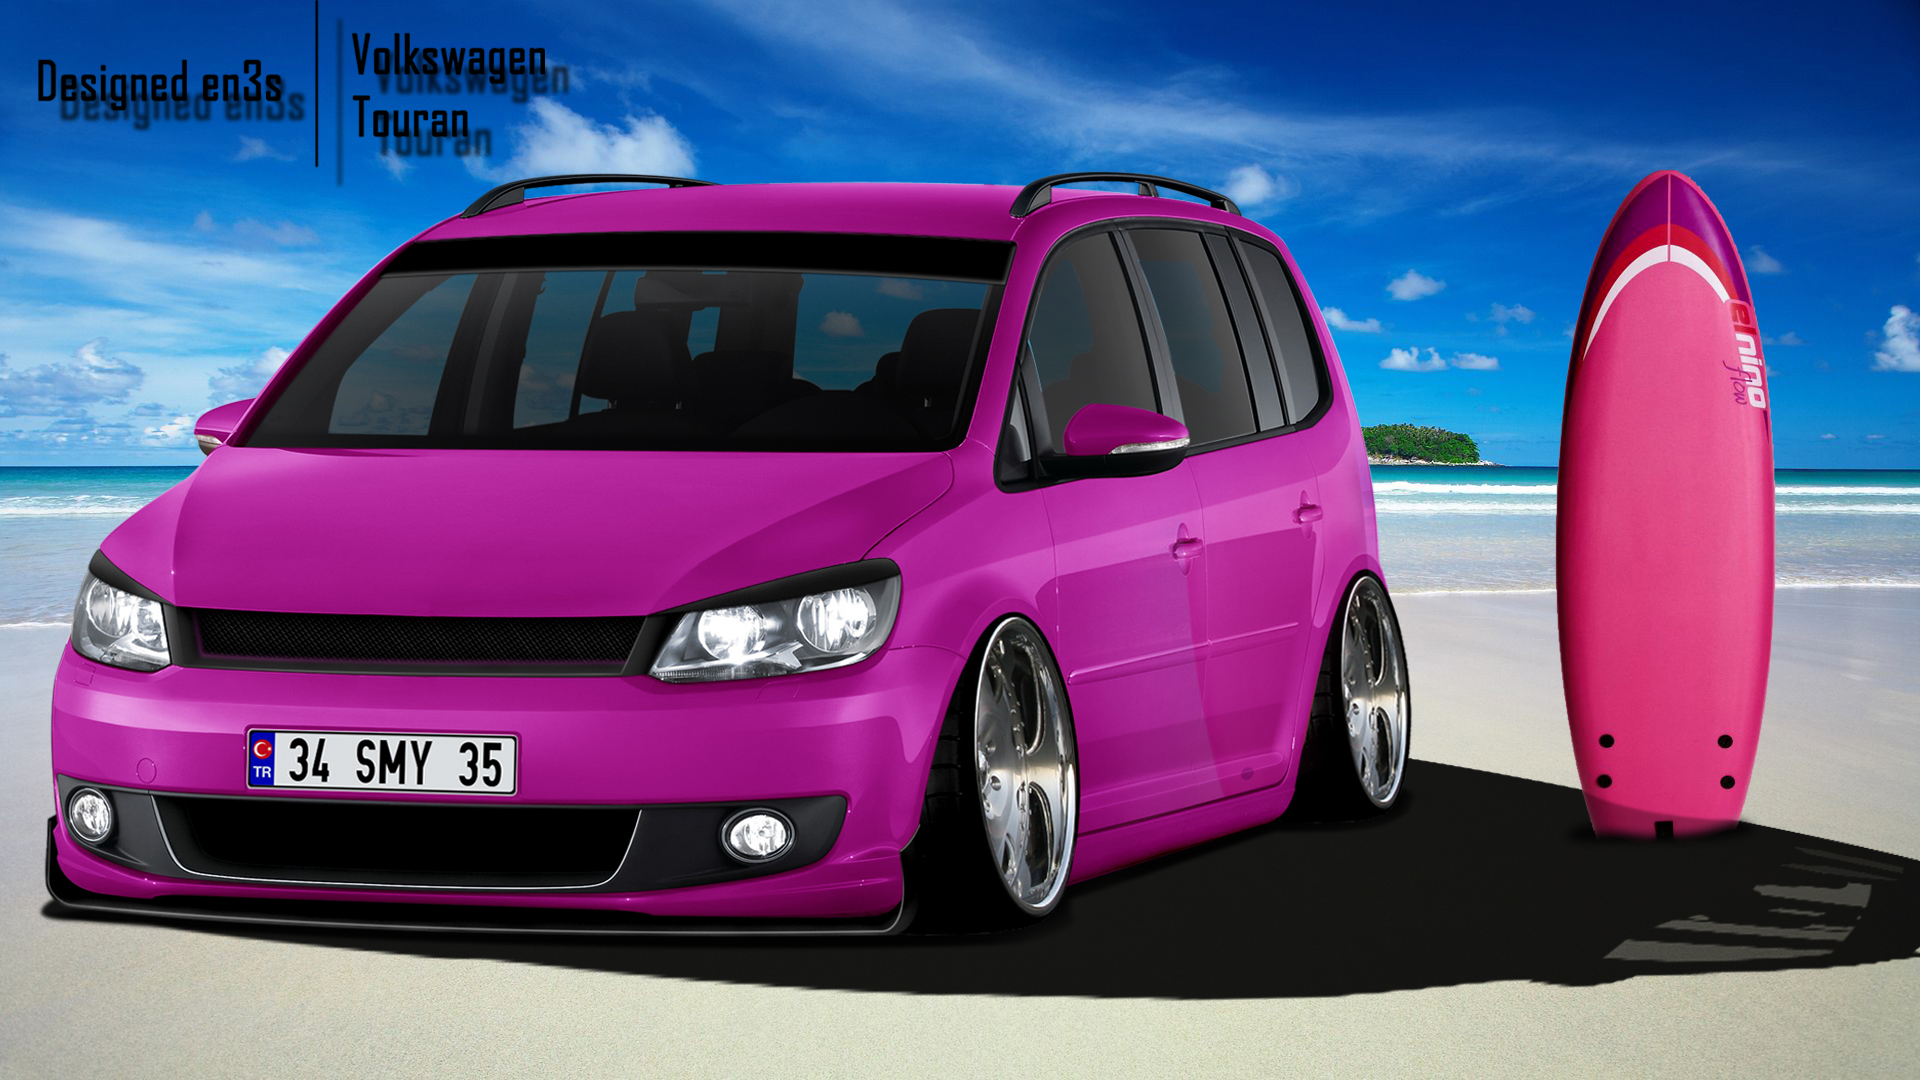 Volkswagen Touran DUB by en3sDesign